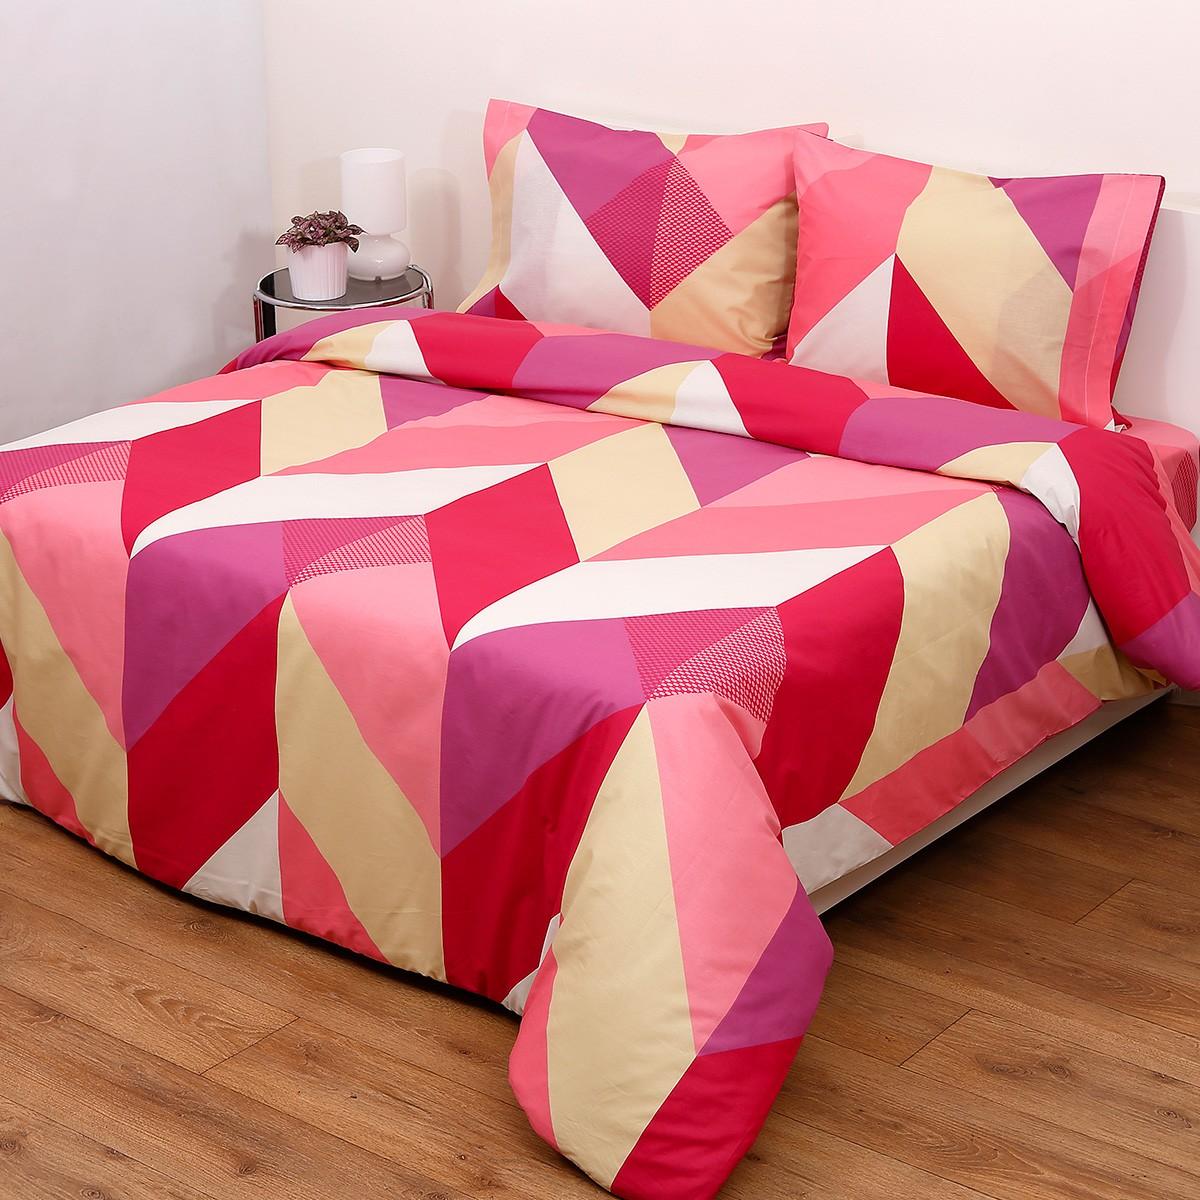 Πάπλωμα Ημίδιπλο (Σετ) Viopros Fresh Ένζο Φούξια home   κρεβατοκάμαρα   παπλώματα   παπλώματα ημίδιπλα   διπλά